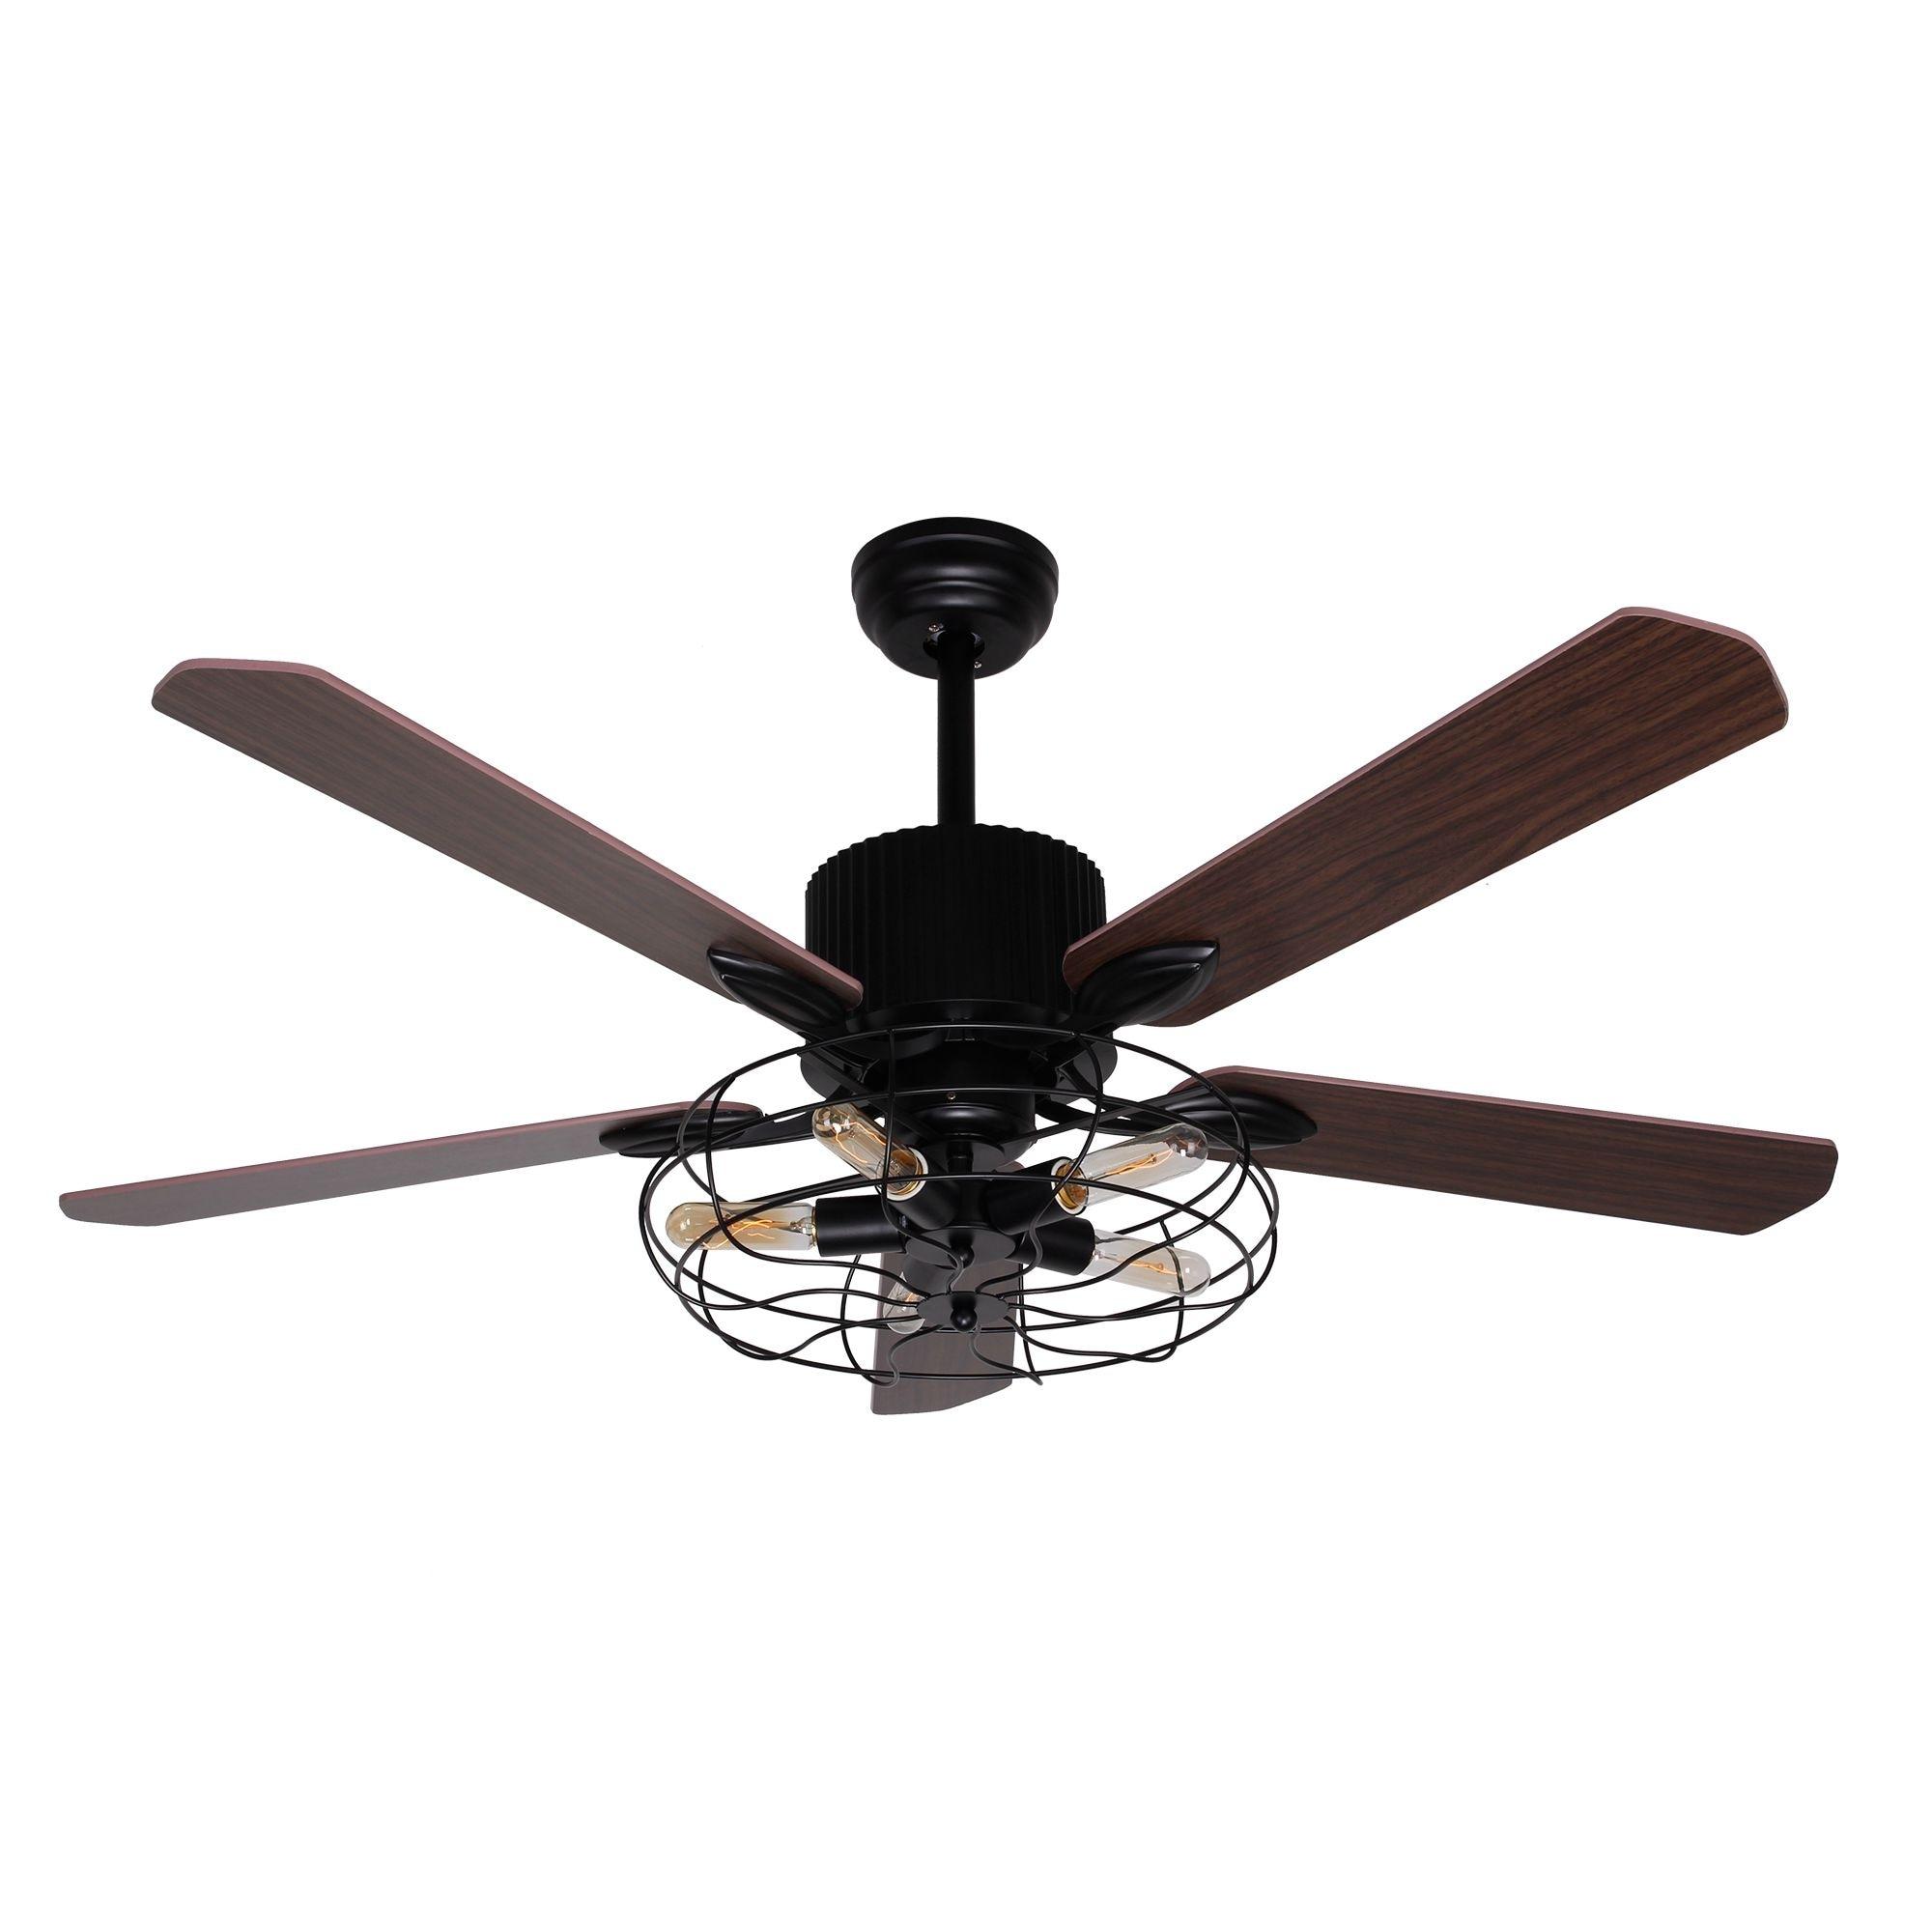 5 Light Black 52 Inch Brown Wood Ceiling Fan